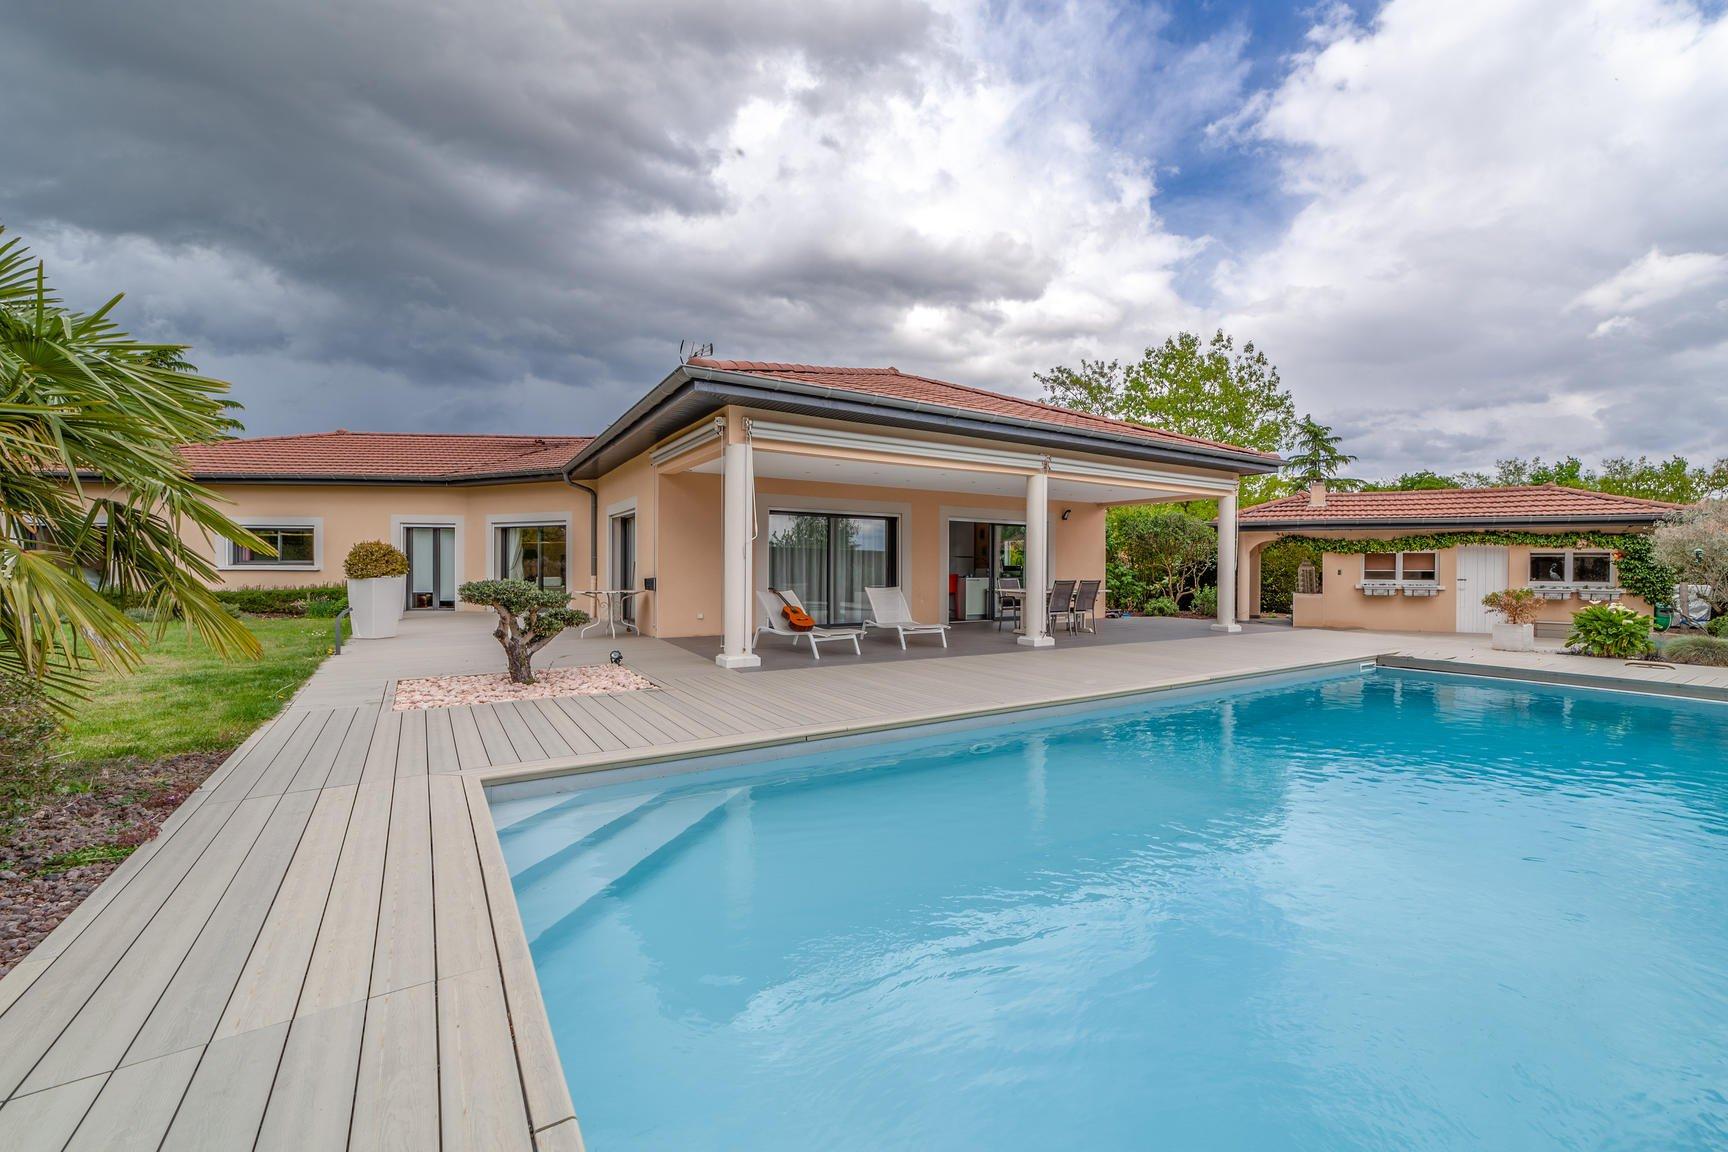 Villa haut de gamme entièrement de plain-pied